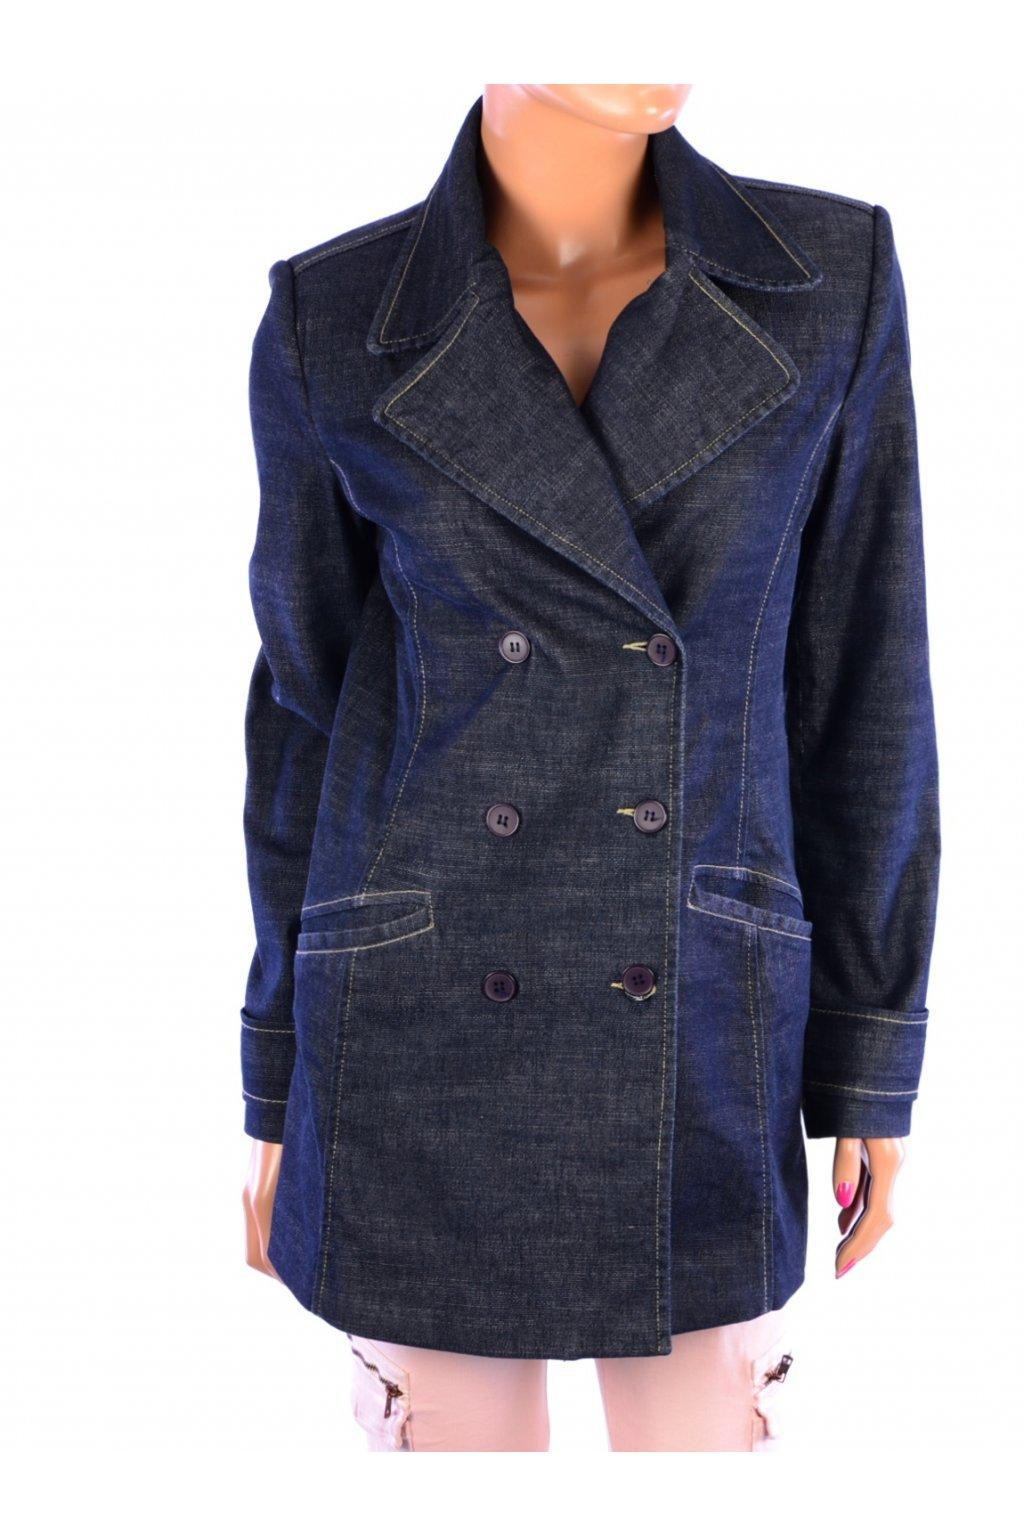 Kabát riflový přechodní Inscene vel. 36 / S